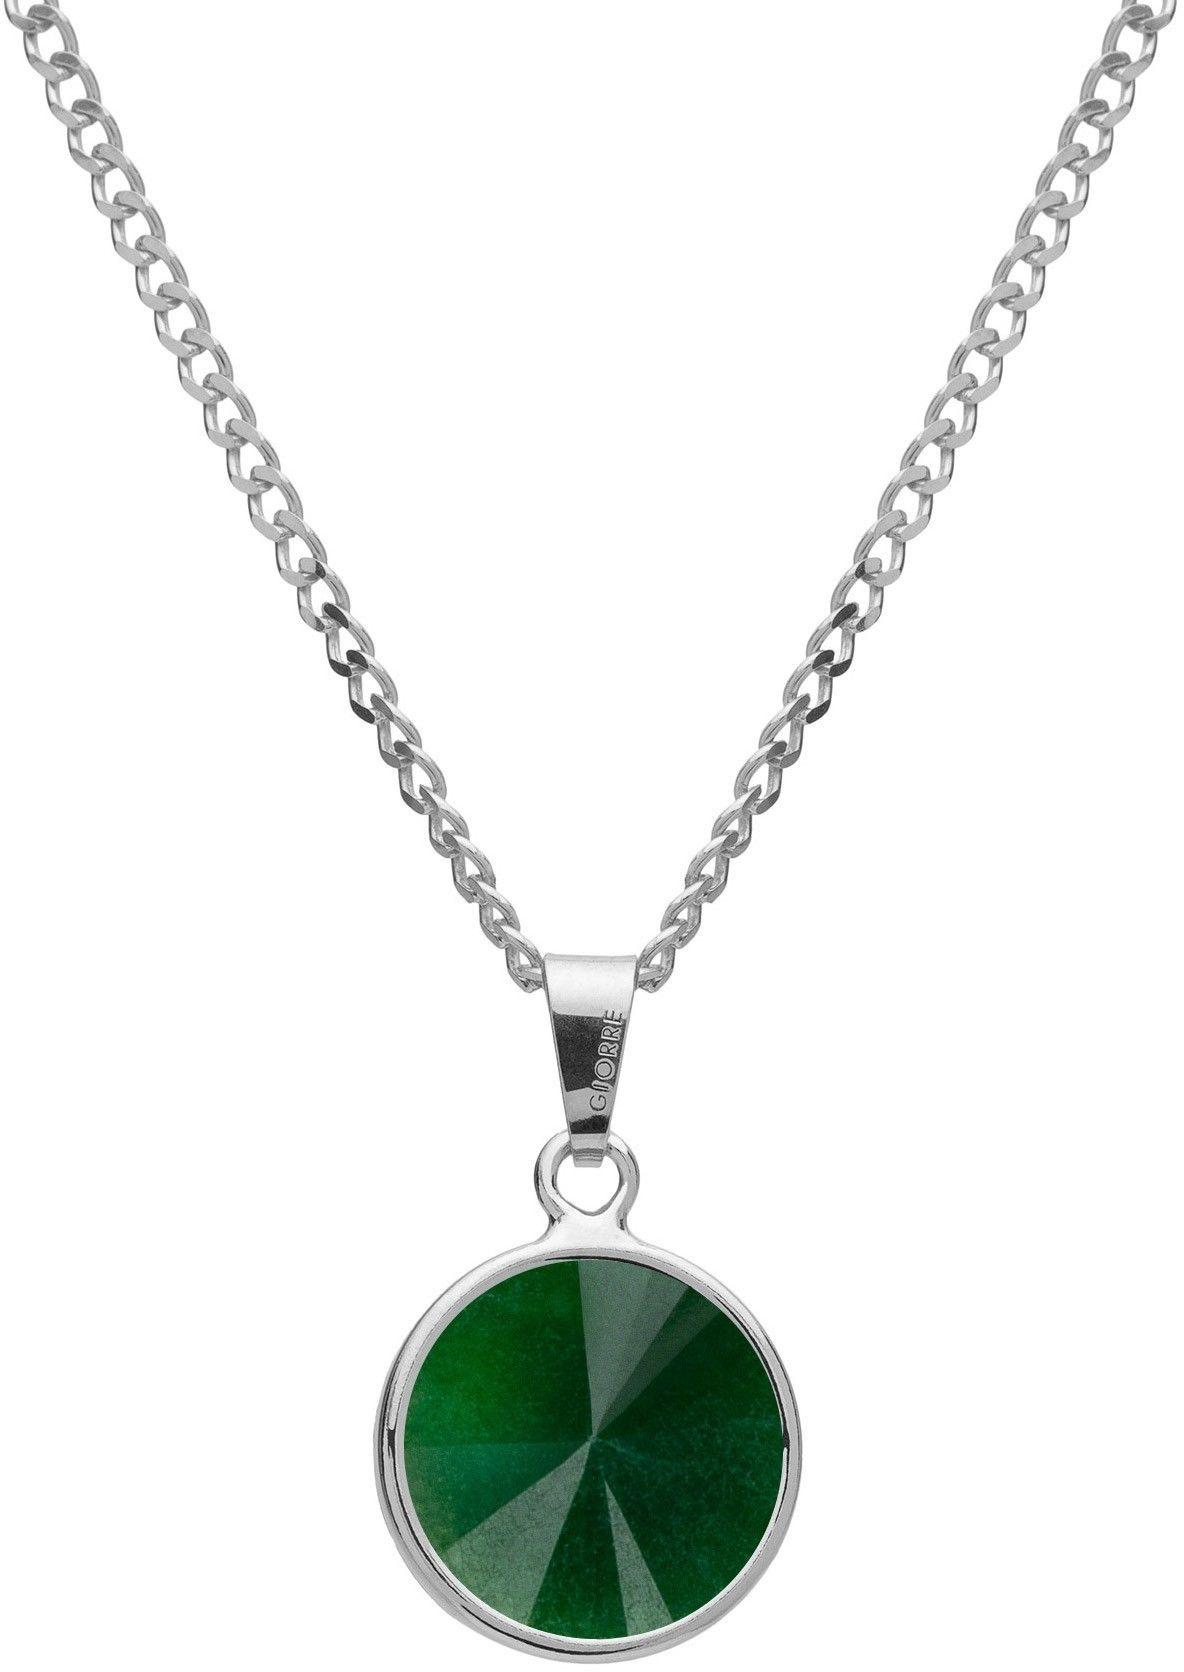 Srebrny naszyjnik z naturalnym kamieniem - jadeit, srebro 925 : Długość (cm) - 40 + 5 , Kamienie naturalne - kolor - jadeit zielony ciemny, Srebro - kolor pokrycia - Pokrycie platyną